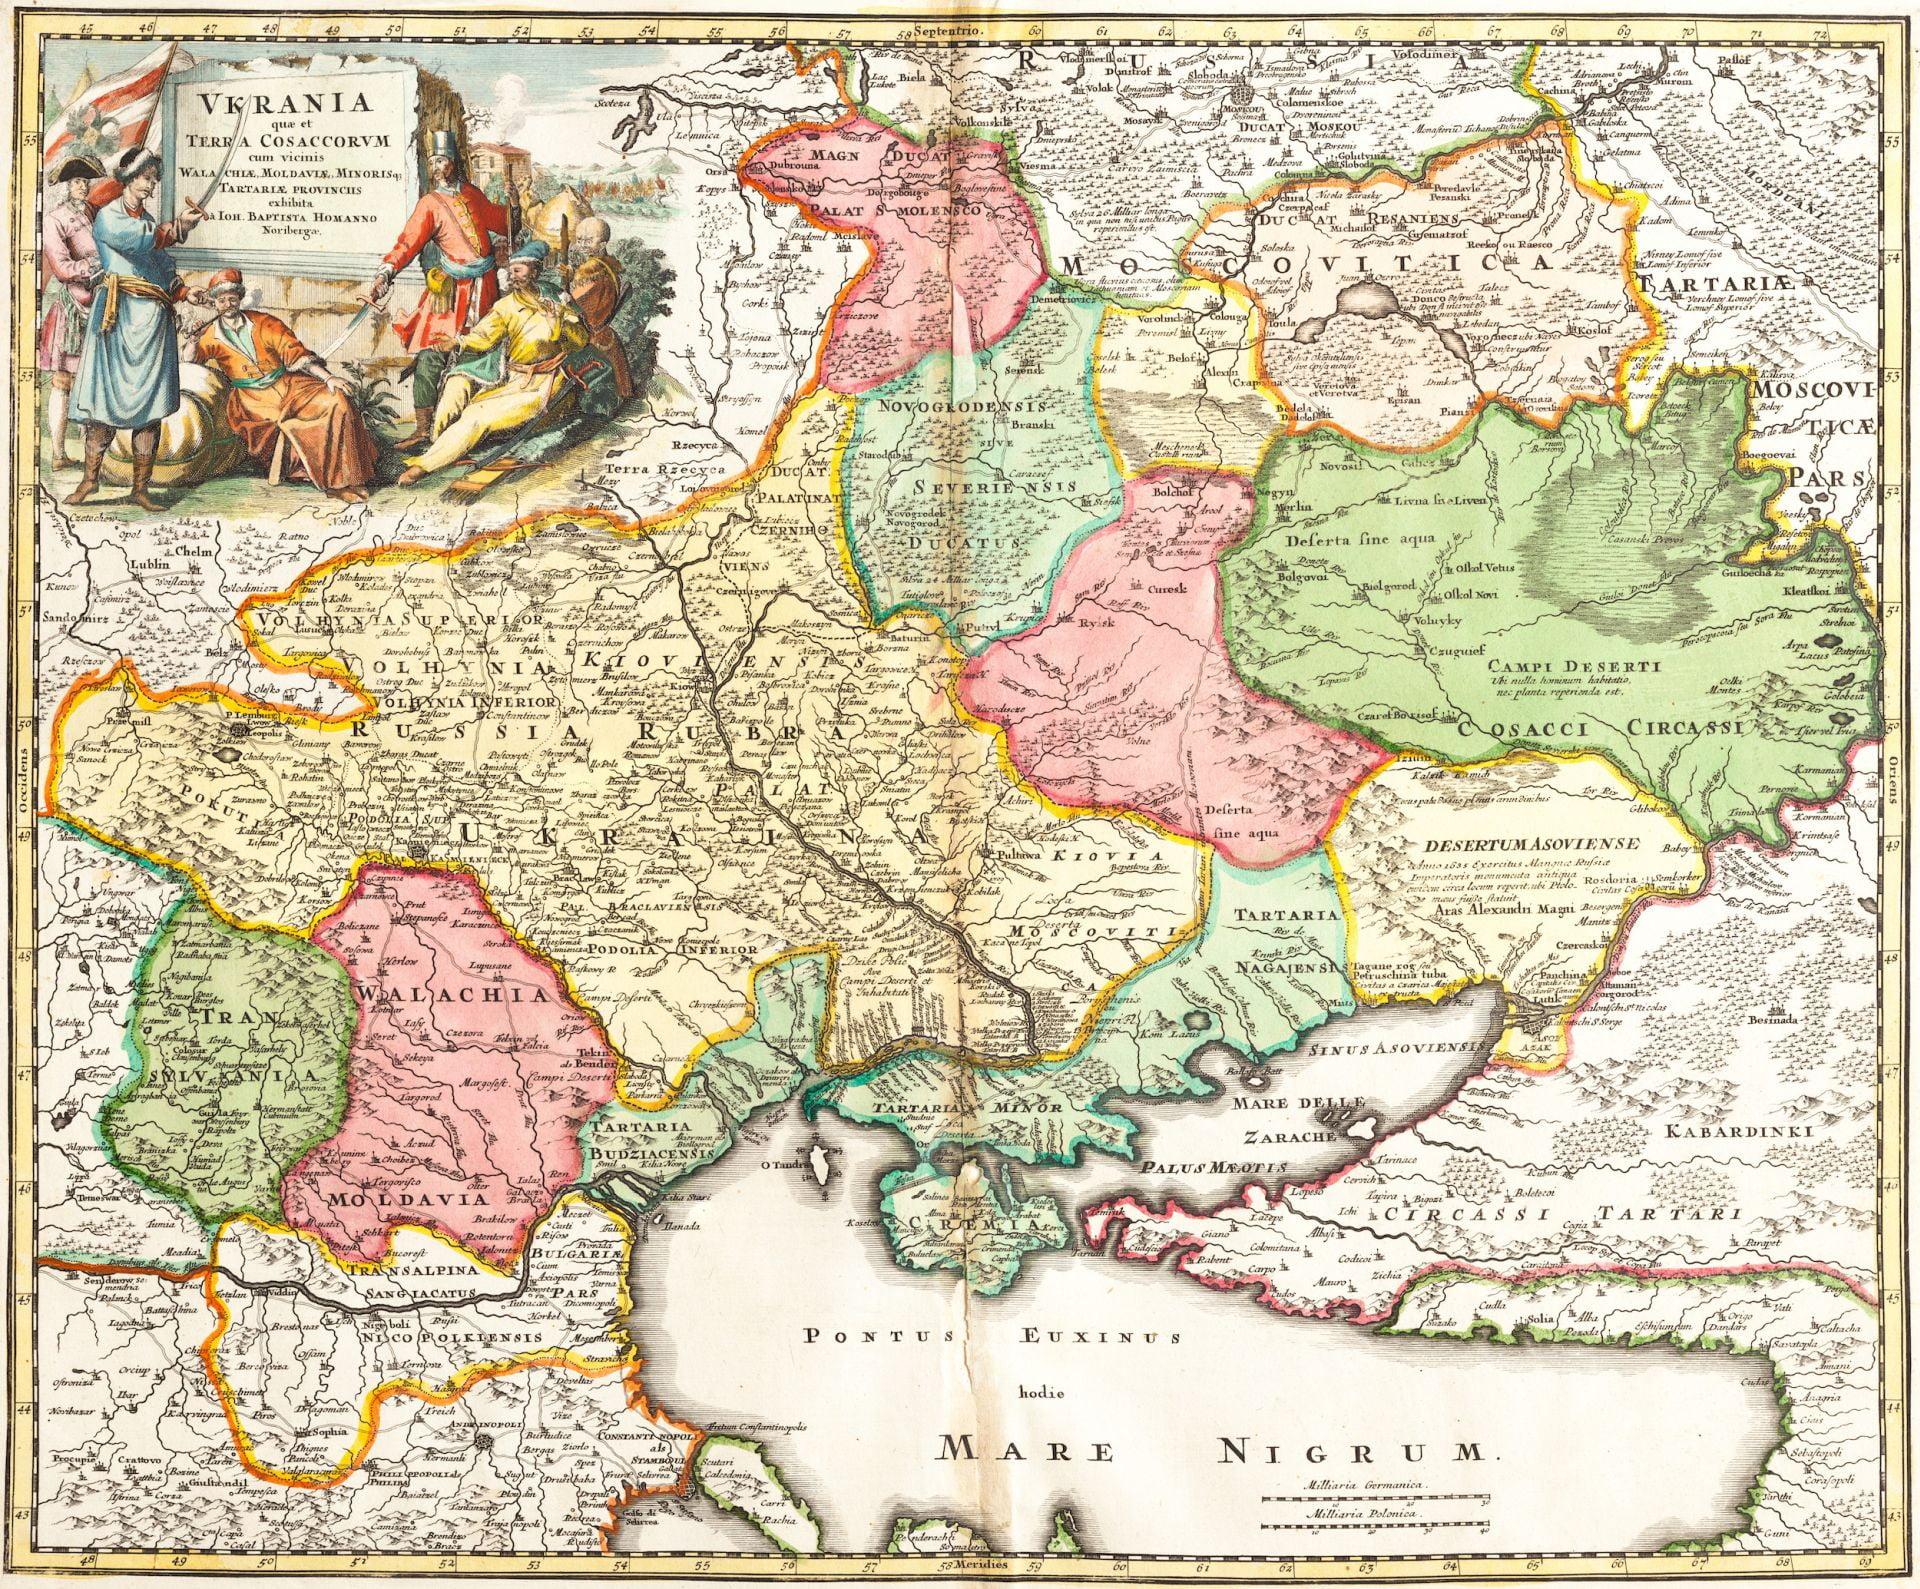 Карта Украины, Московии, южной Тартарии